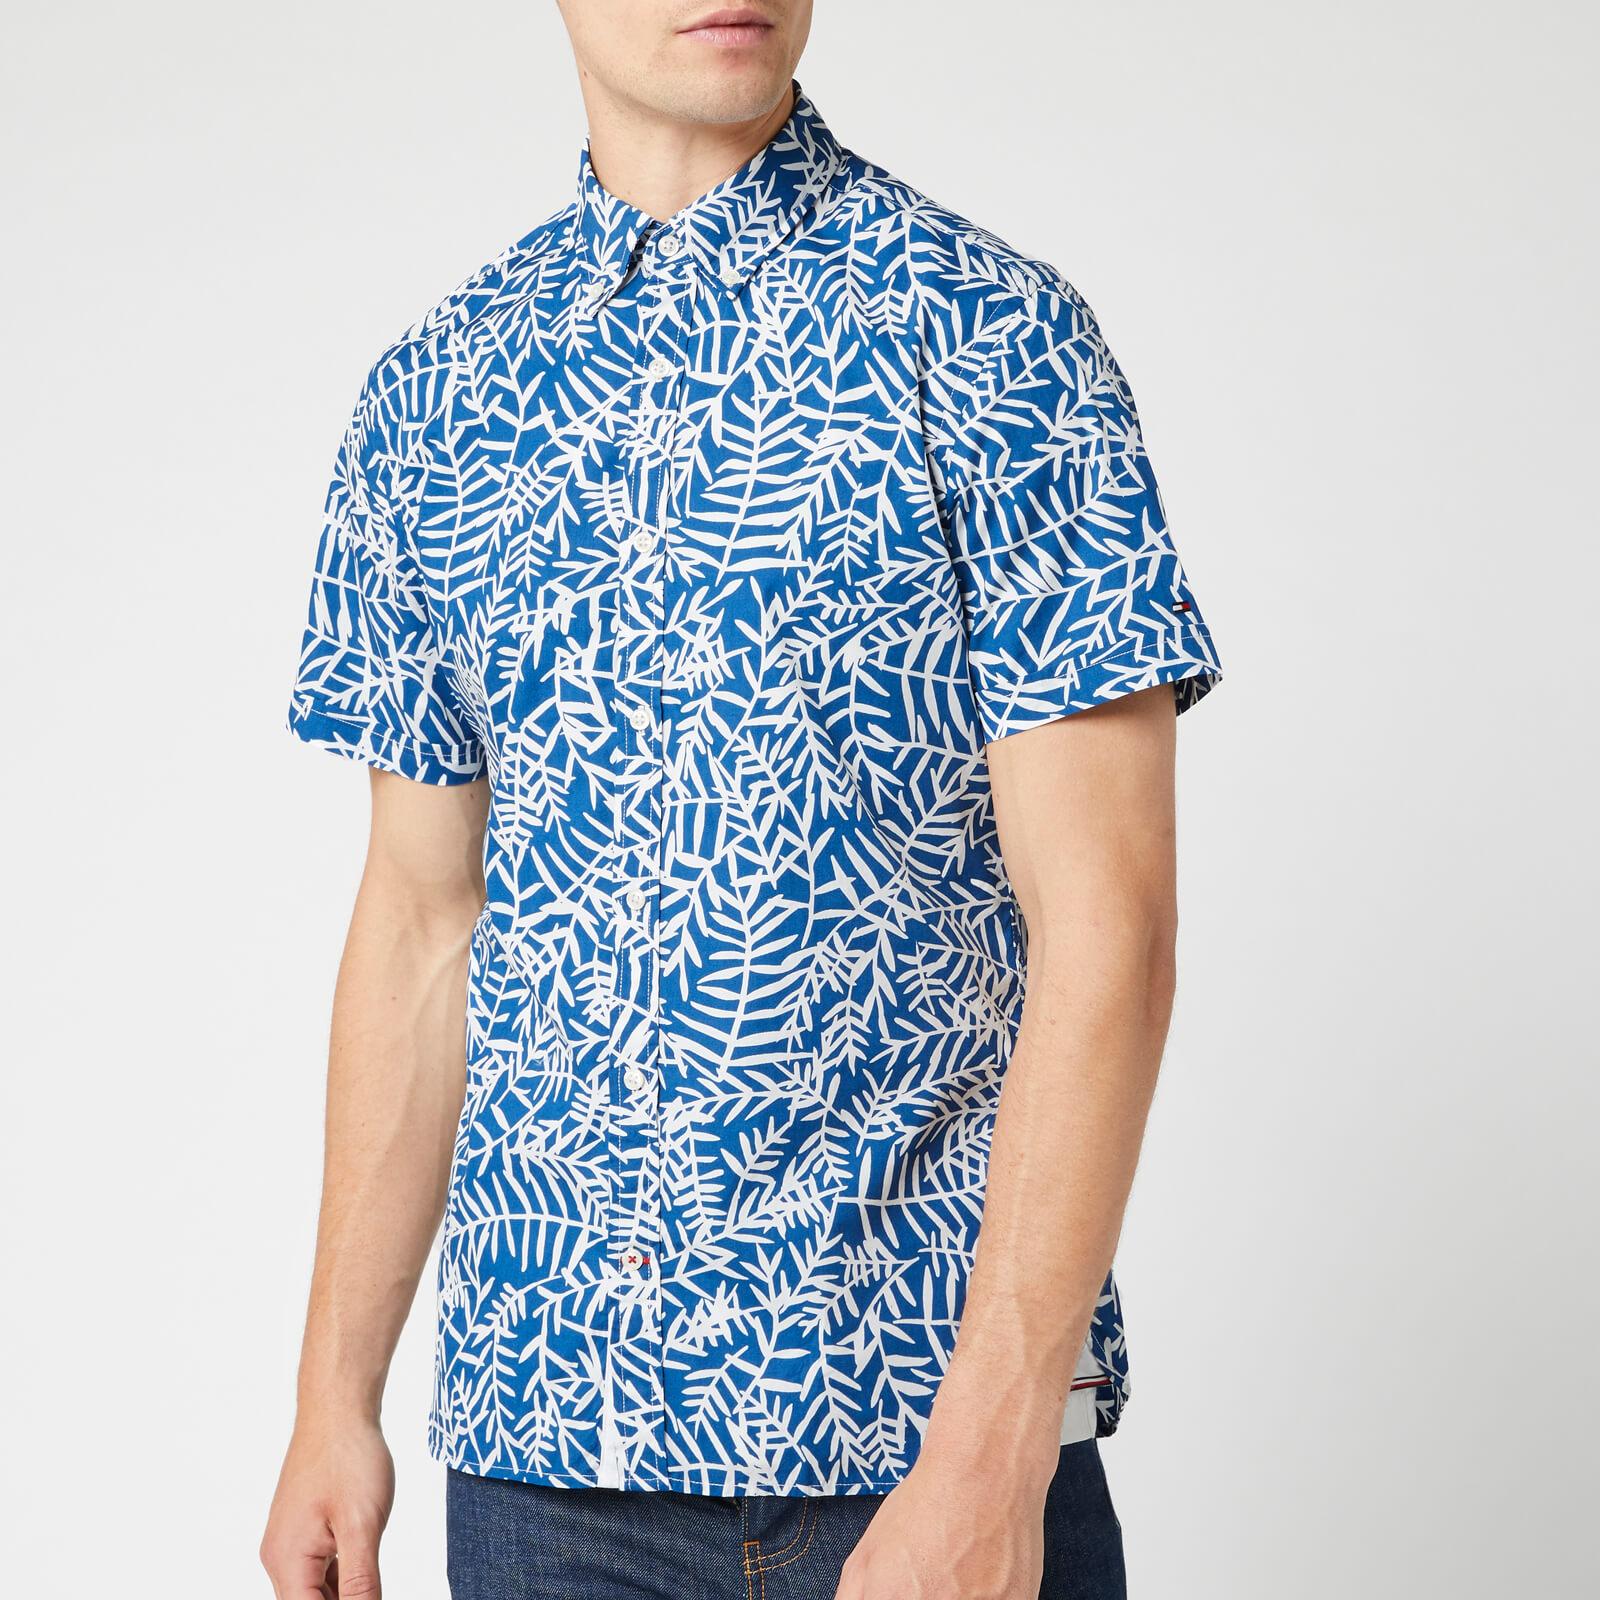 Tommy Hilfiger Men's Slim Large Leaf Print Shirt - Blue Quartz/Snow White - XL - Blue